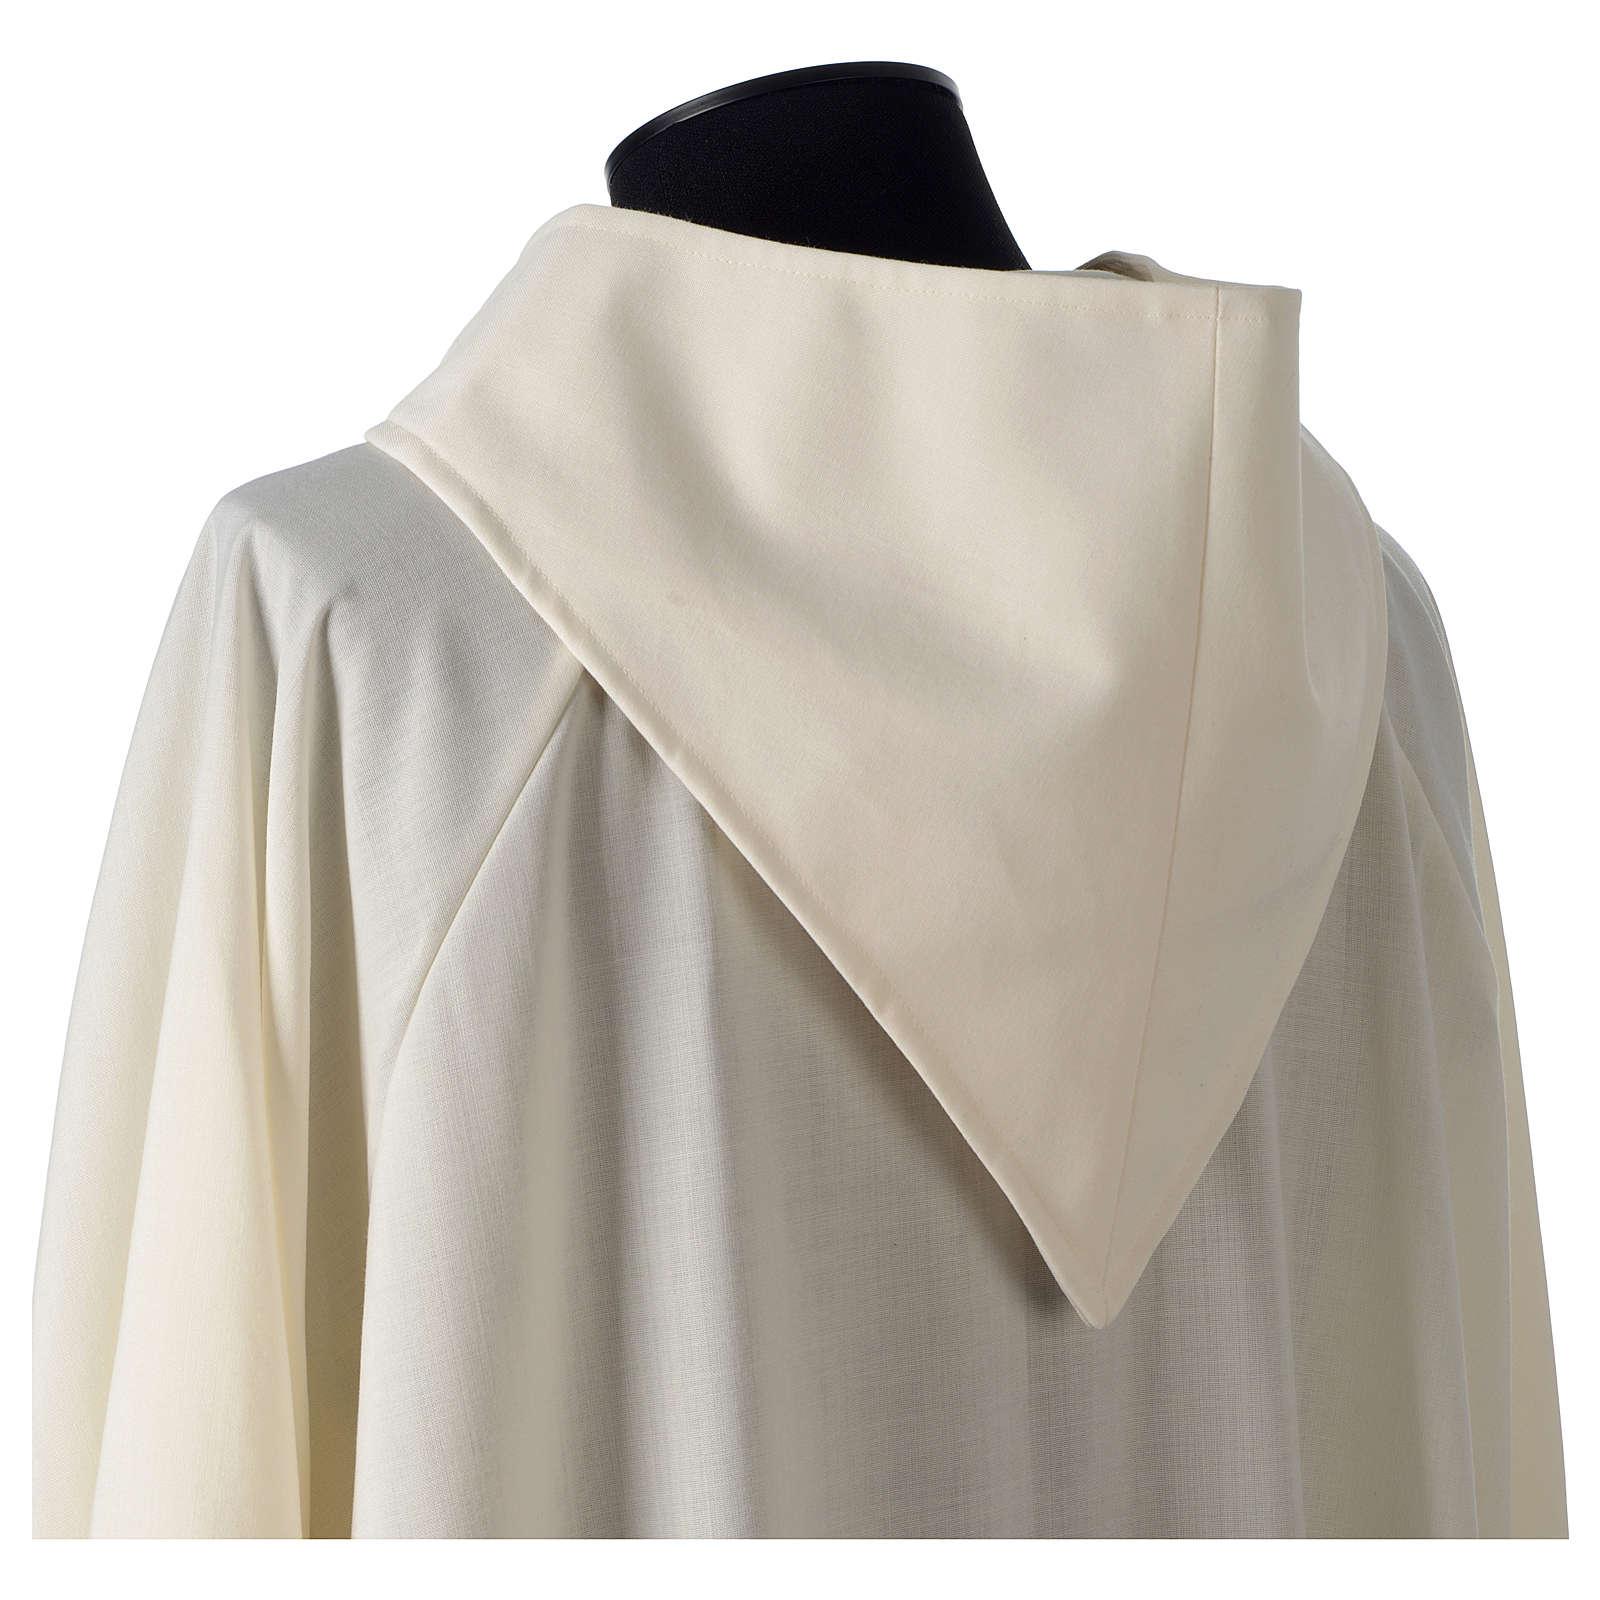 Camice avorio 55% poliestere 45% lana cappuccio aperto 4